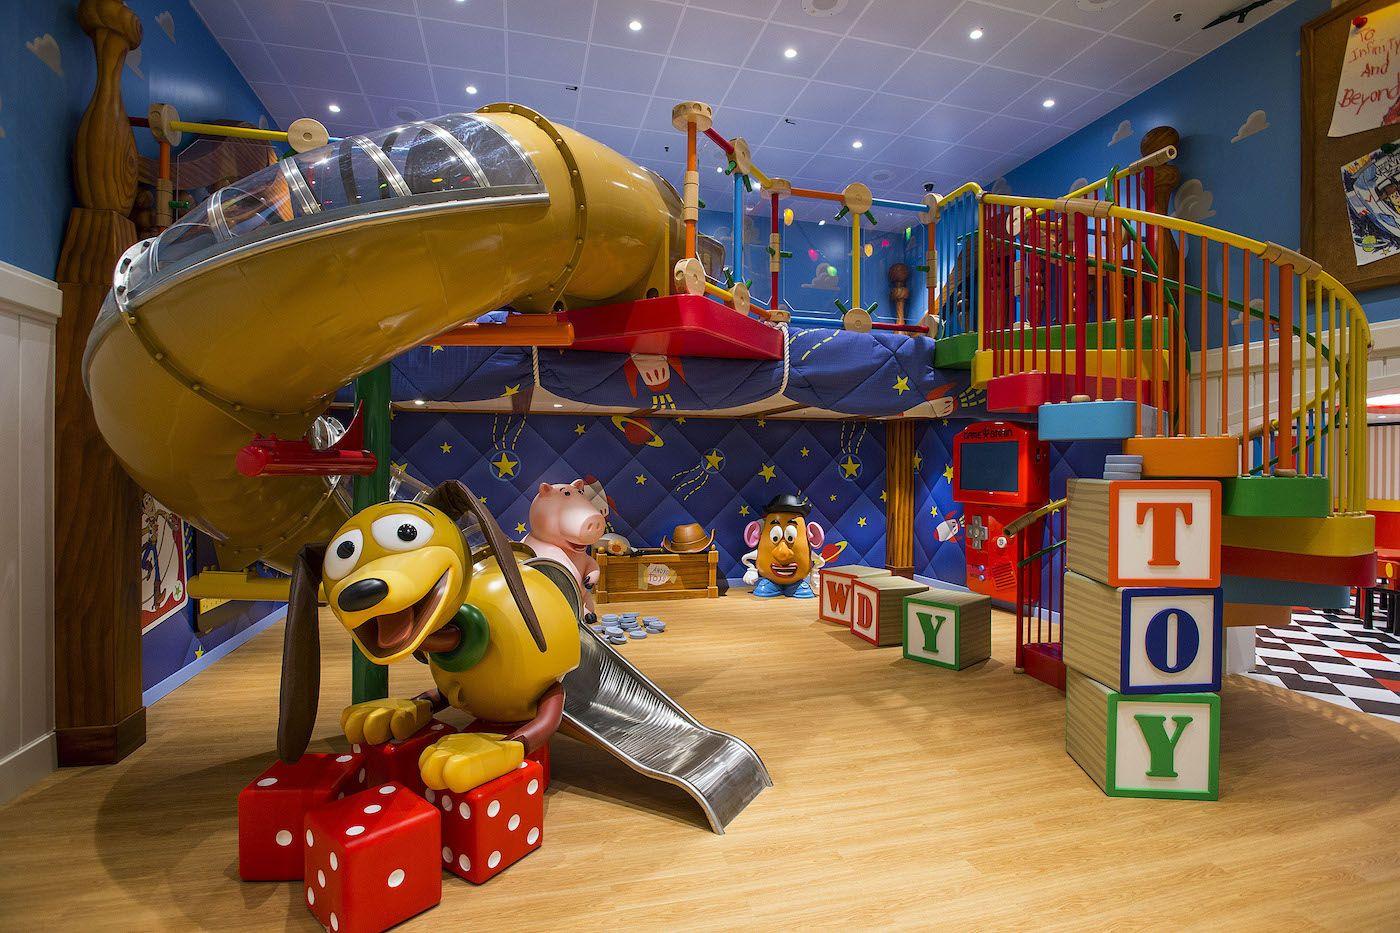 15 chambres d'enfants créatives qui vont vous donner envie de replonger en enfance